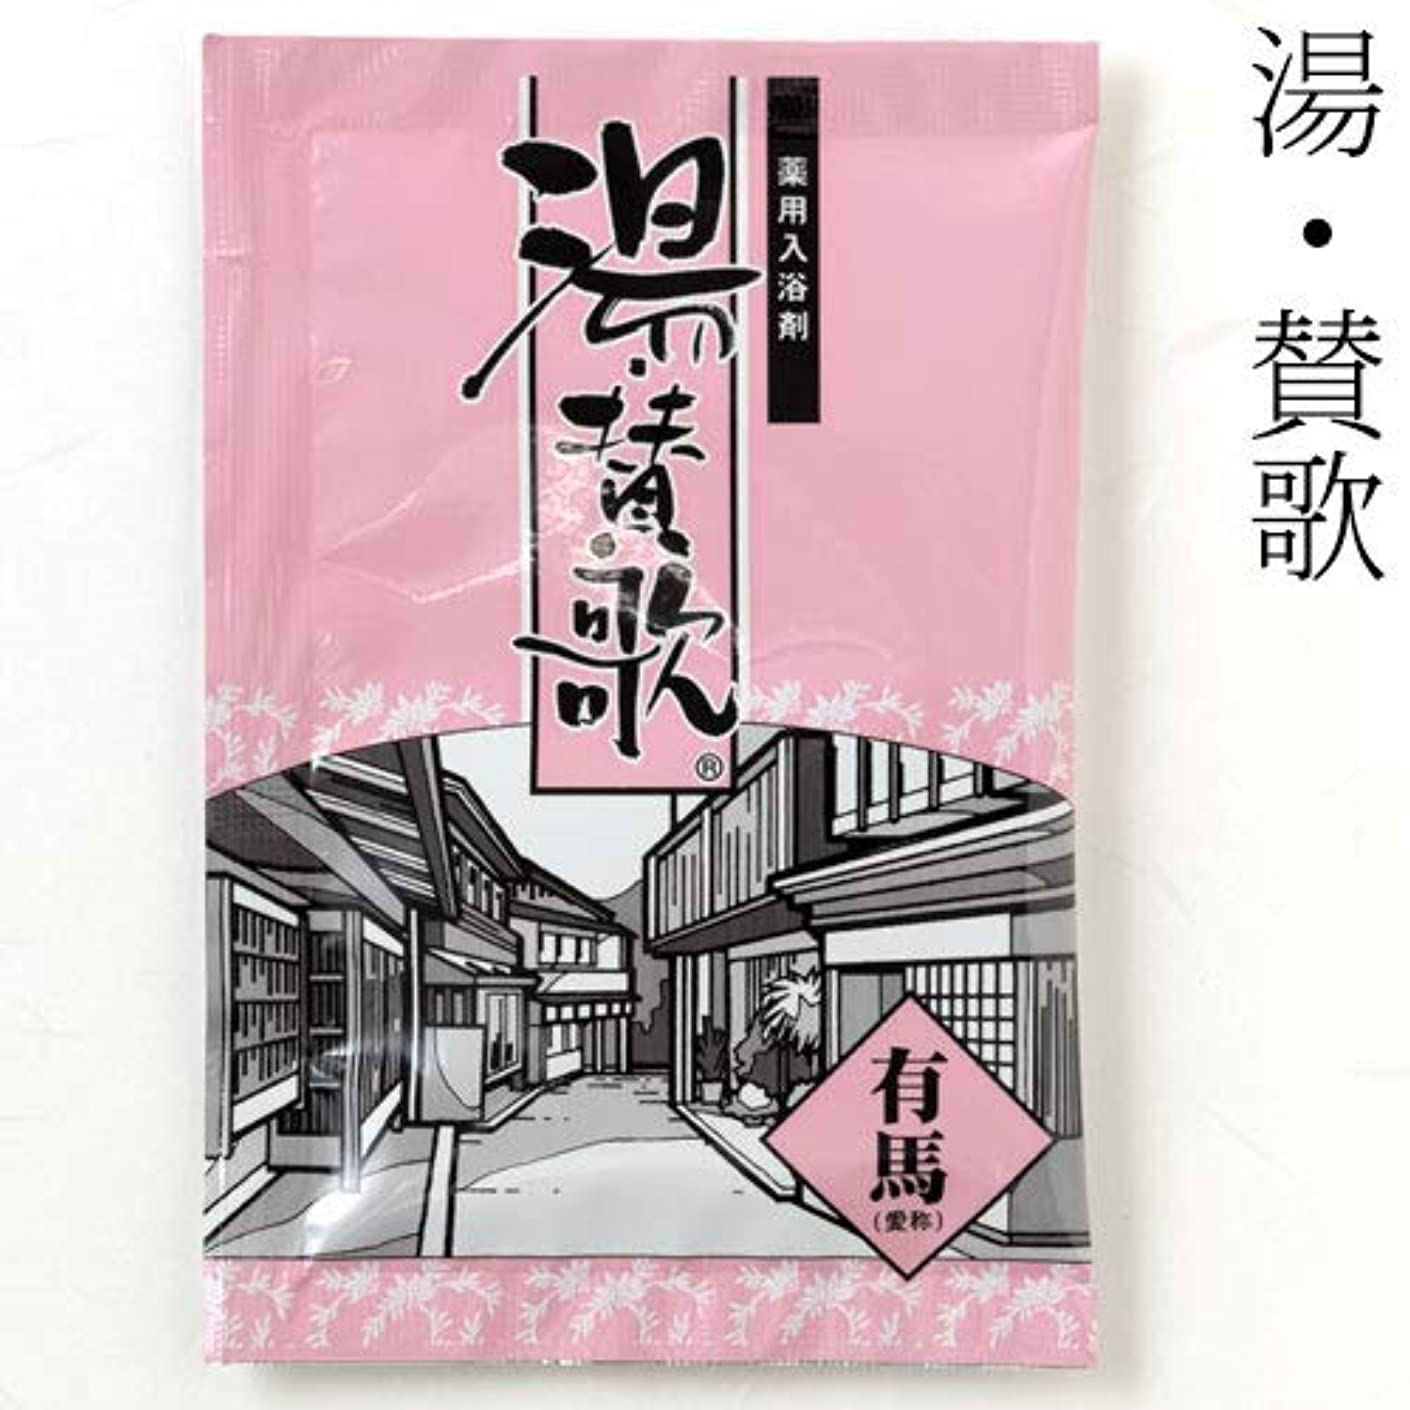 近代化音味わう入浴剤湯?賛歌有馬1包石川県のお風呂グッズBath additive, Ishikawa craft